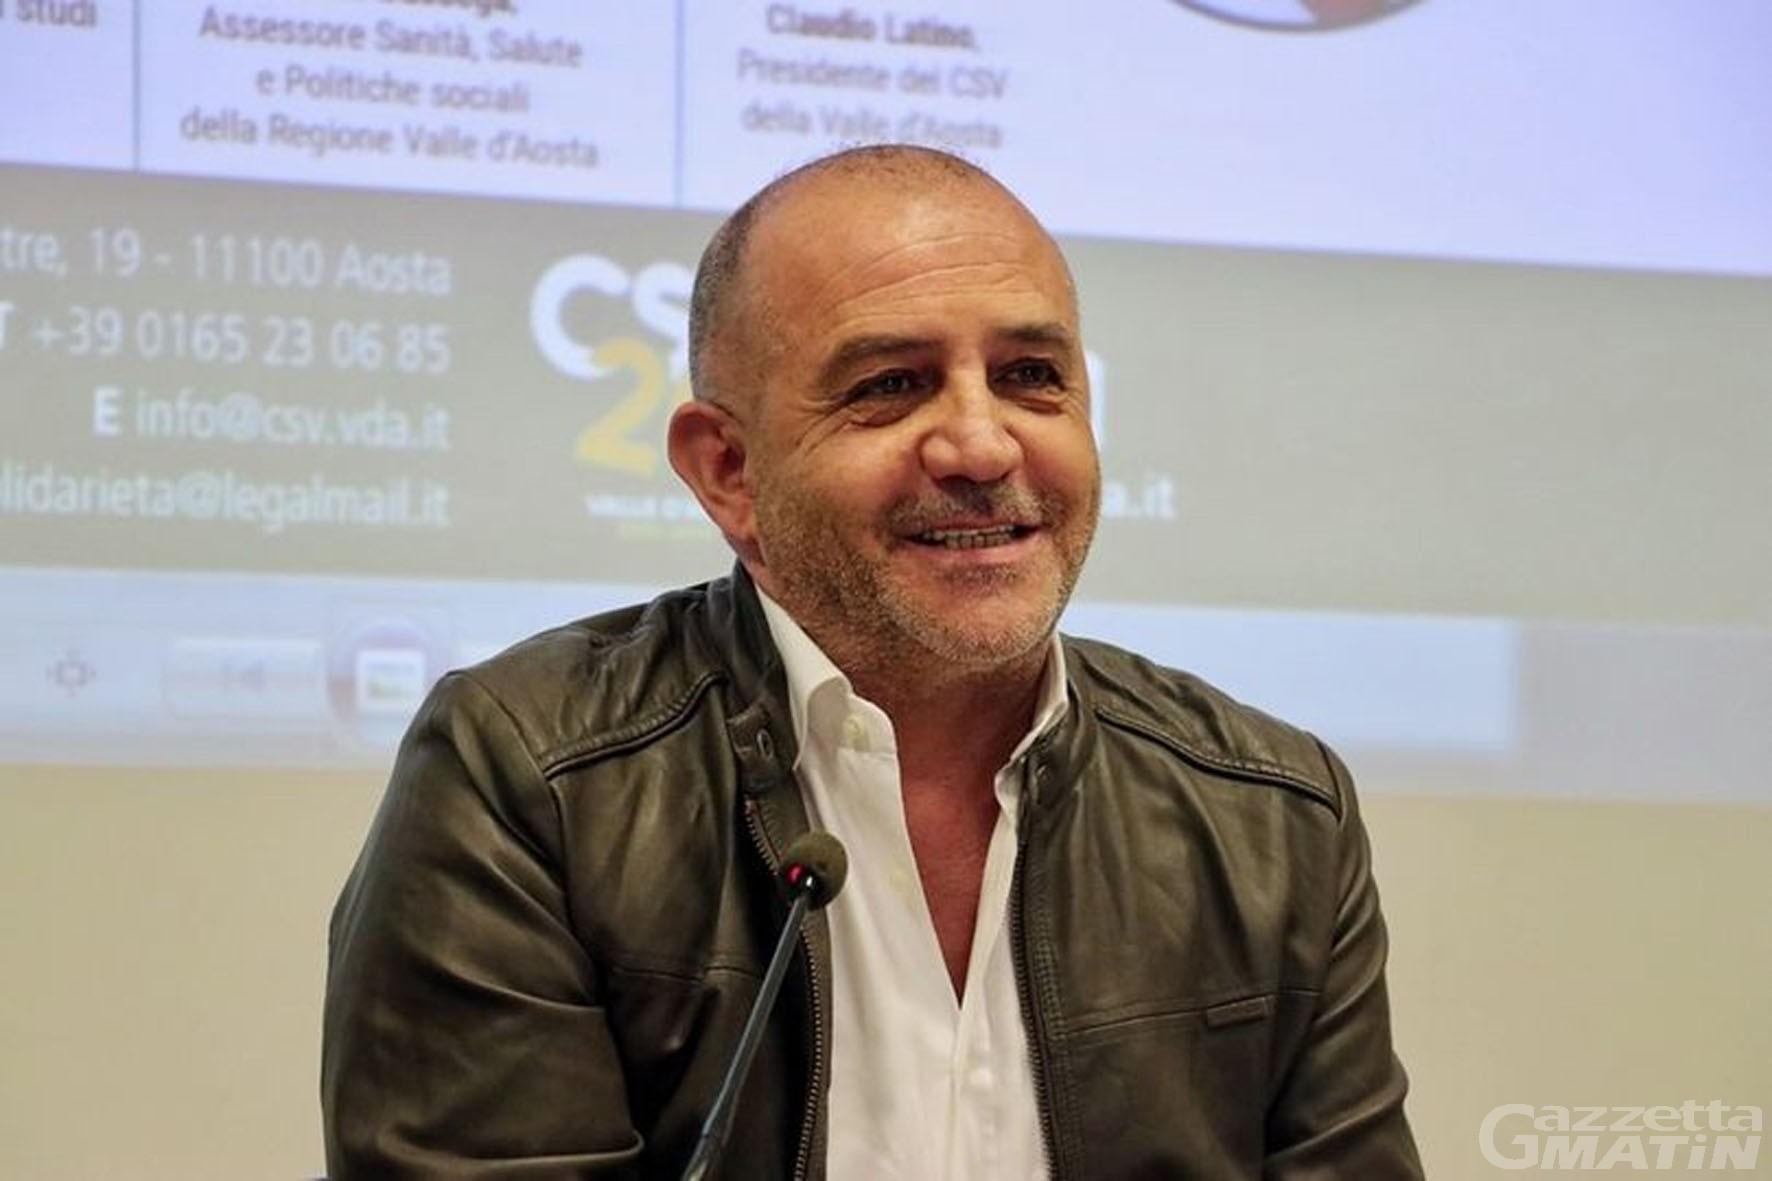 Volontariato: Claudio Latino riconfermato presidente del Csv Valle d'Aosta